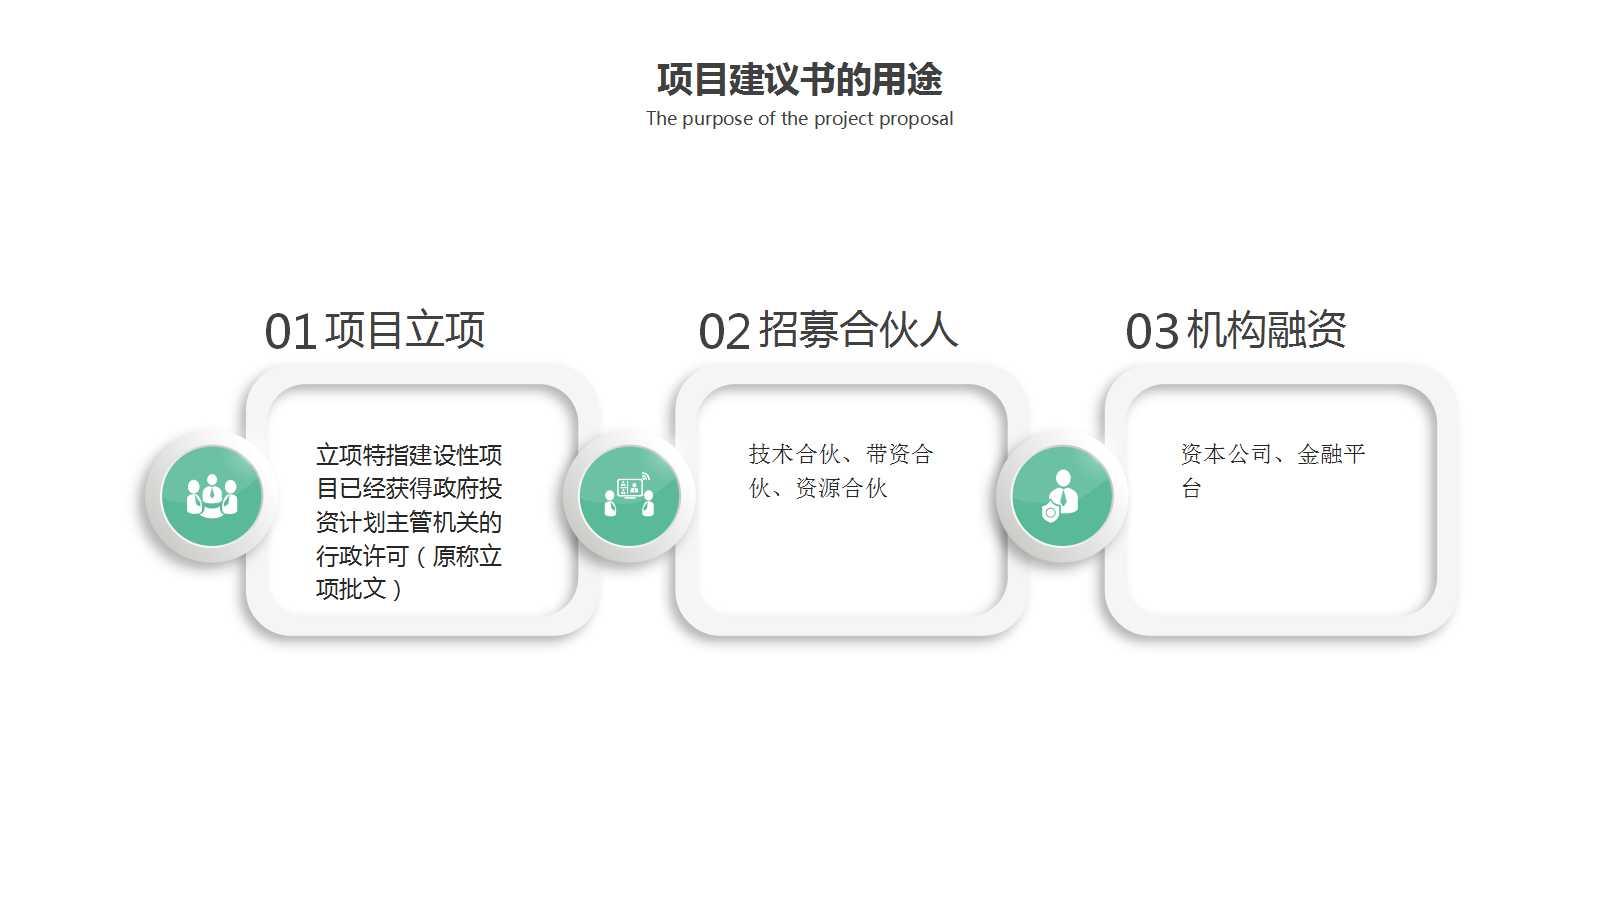 固原市彭陽縣概念性規劃設計優質單位概念性規劃設計企業